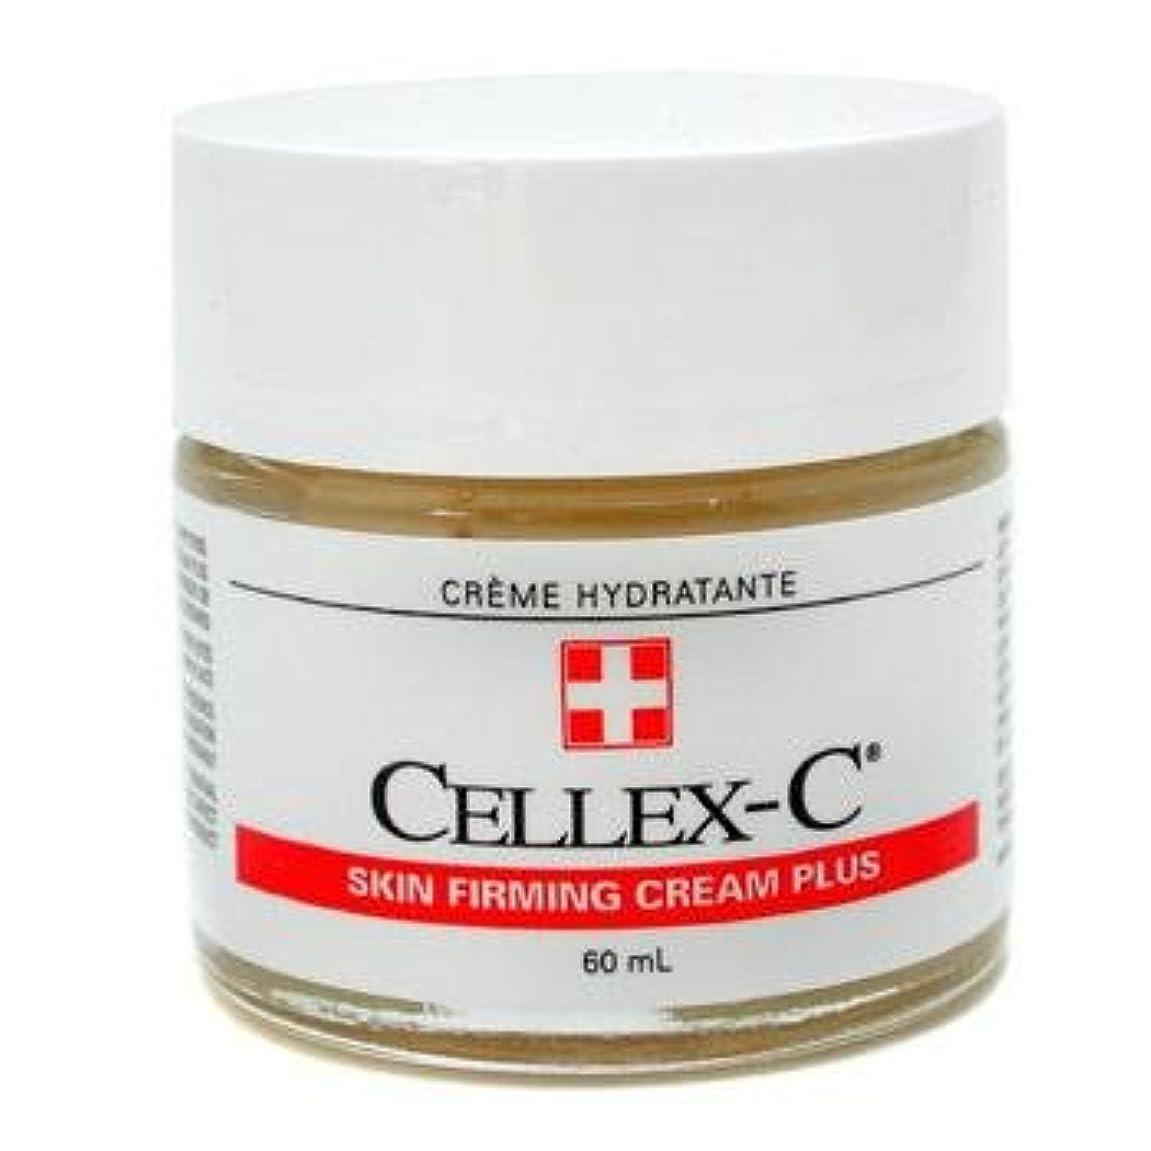 寸法植物のアドバイス[セレックス-C ] フォーミュレイションズ スキン ファーミング クリーム プラス 60ml/2oz